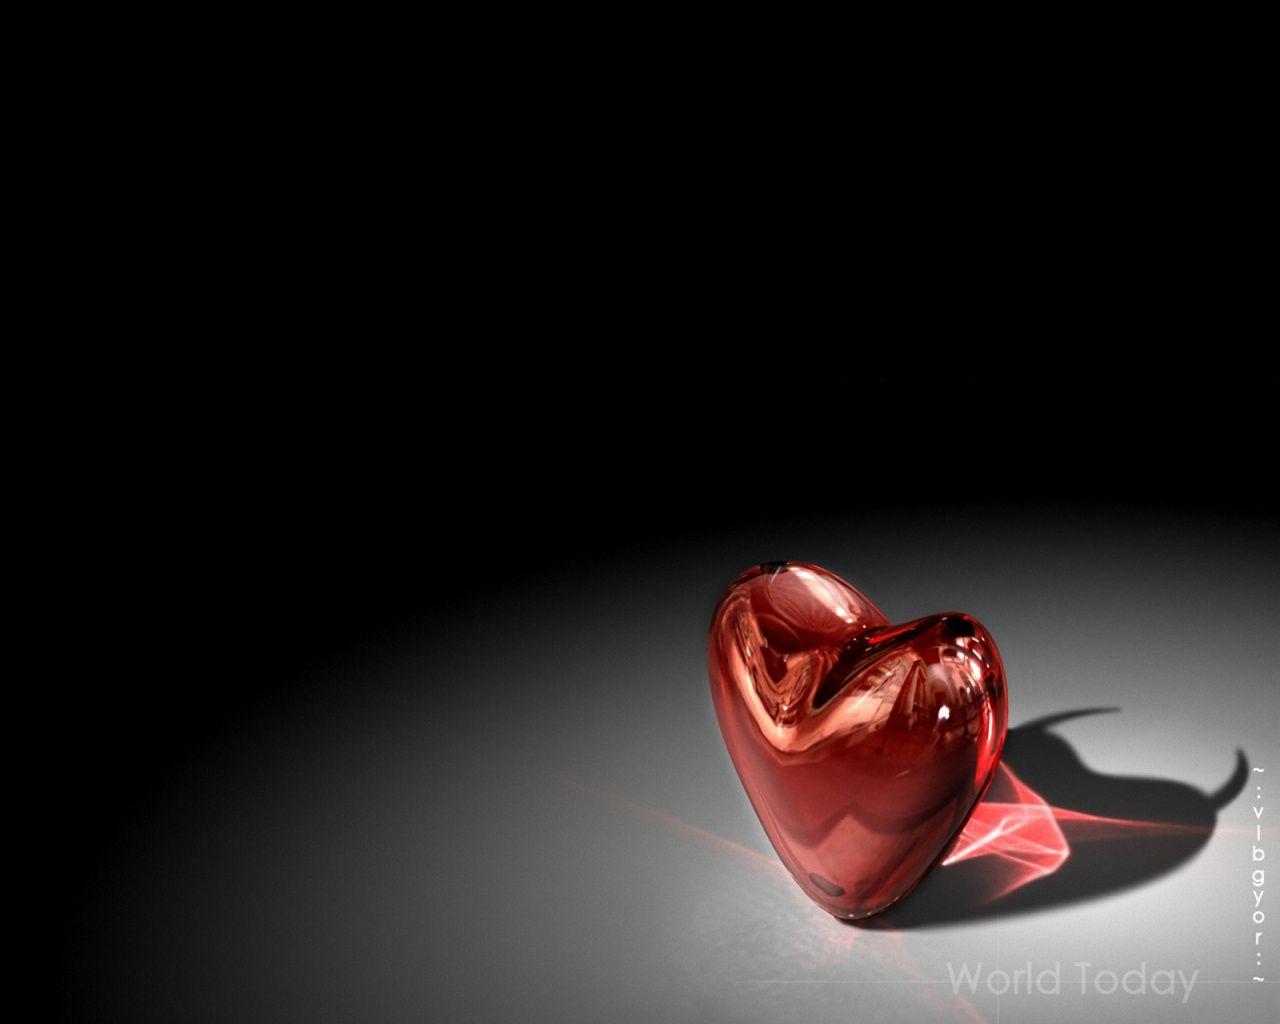 Photo Relationship Hd Desktop Love Wallpaper 1280x1024 Resolution Free Hd Widescreen Desktop Art Background Glass Art Phone Background Patterns